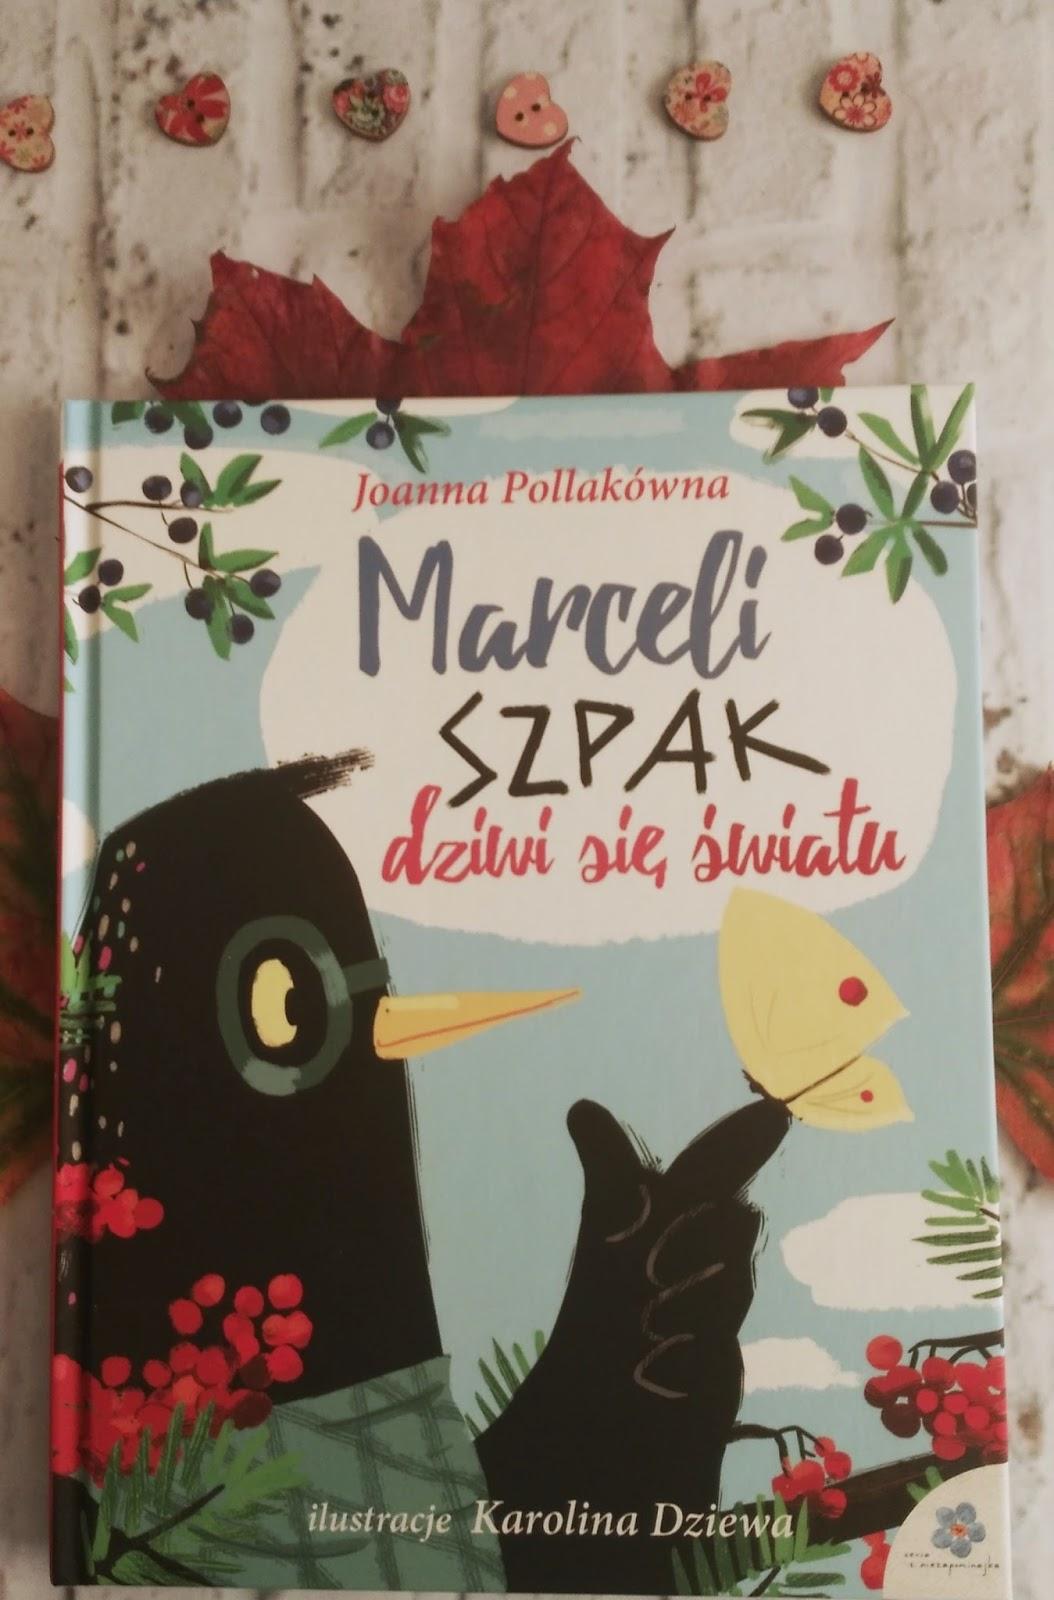 Marceli Szpak dziwi się światu, Joanna Pollakówna - recenzja